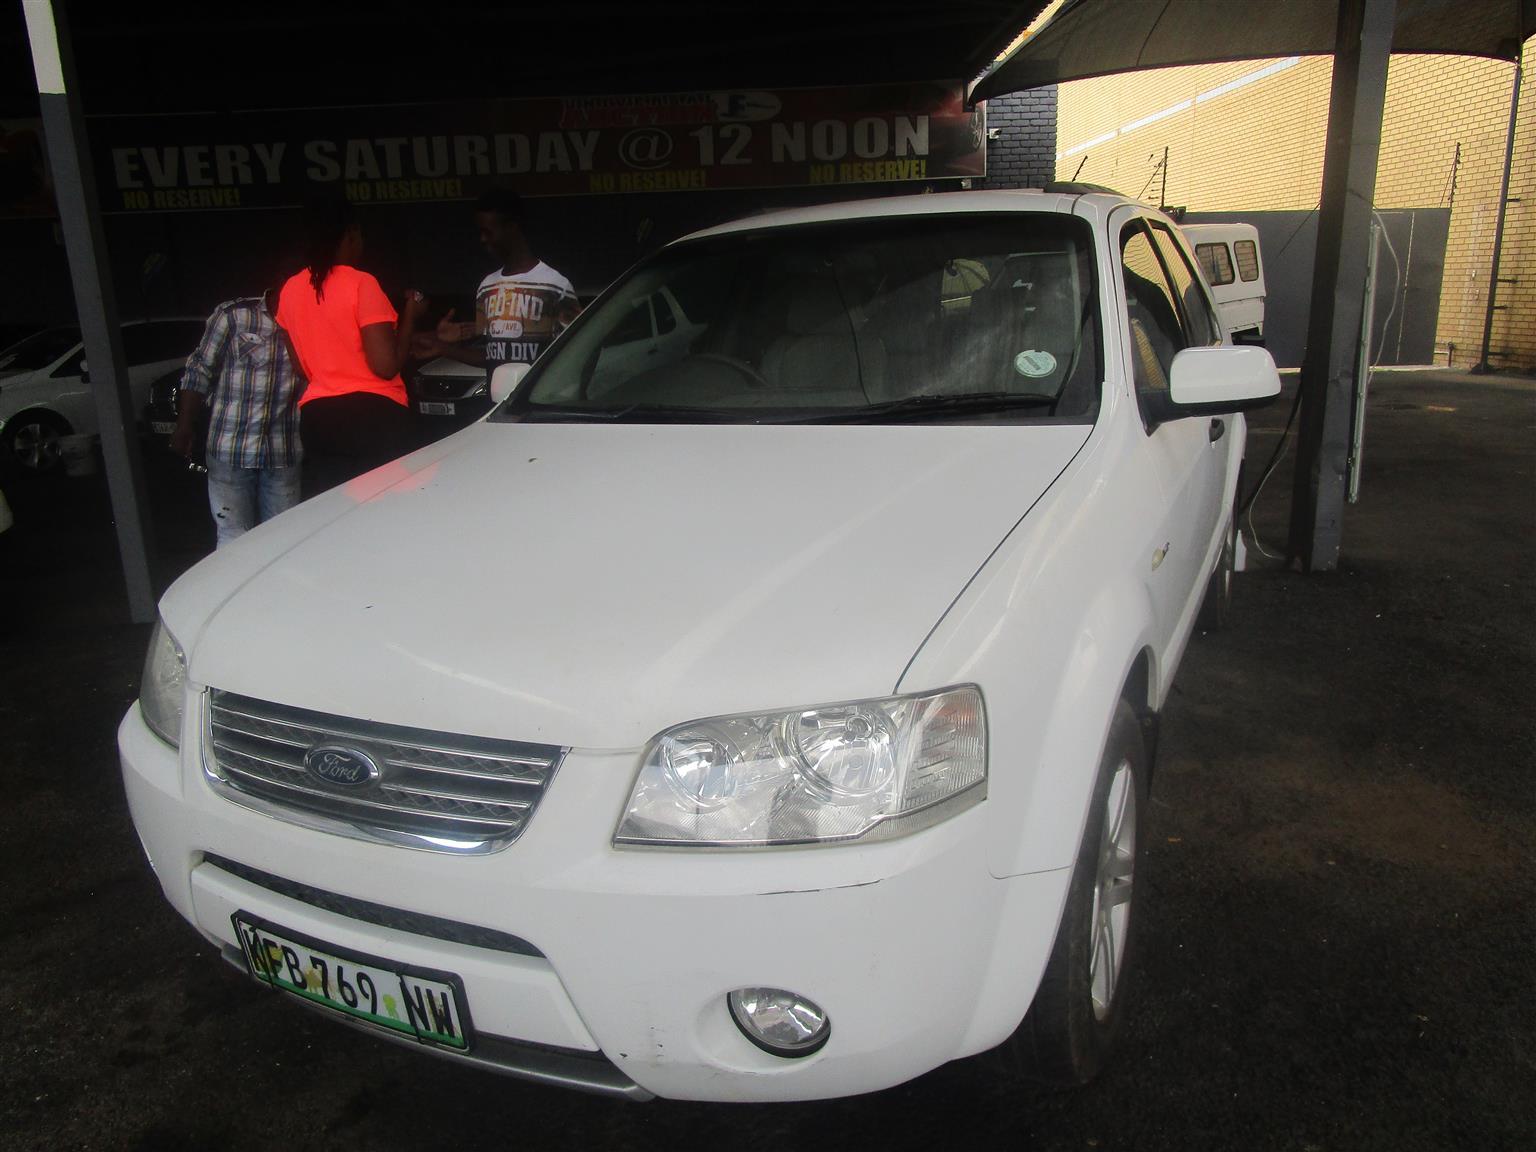 2009 Ford Territory 4.0 Ghia AWD